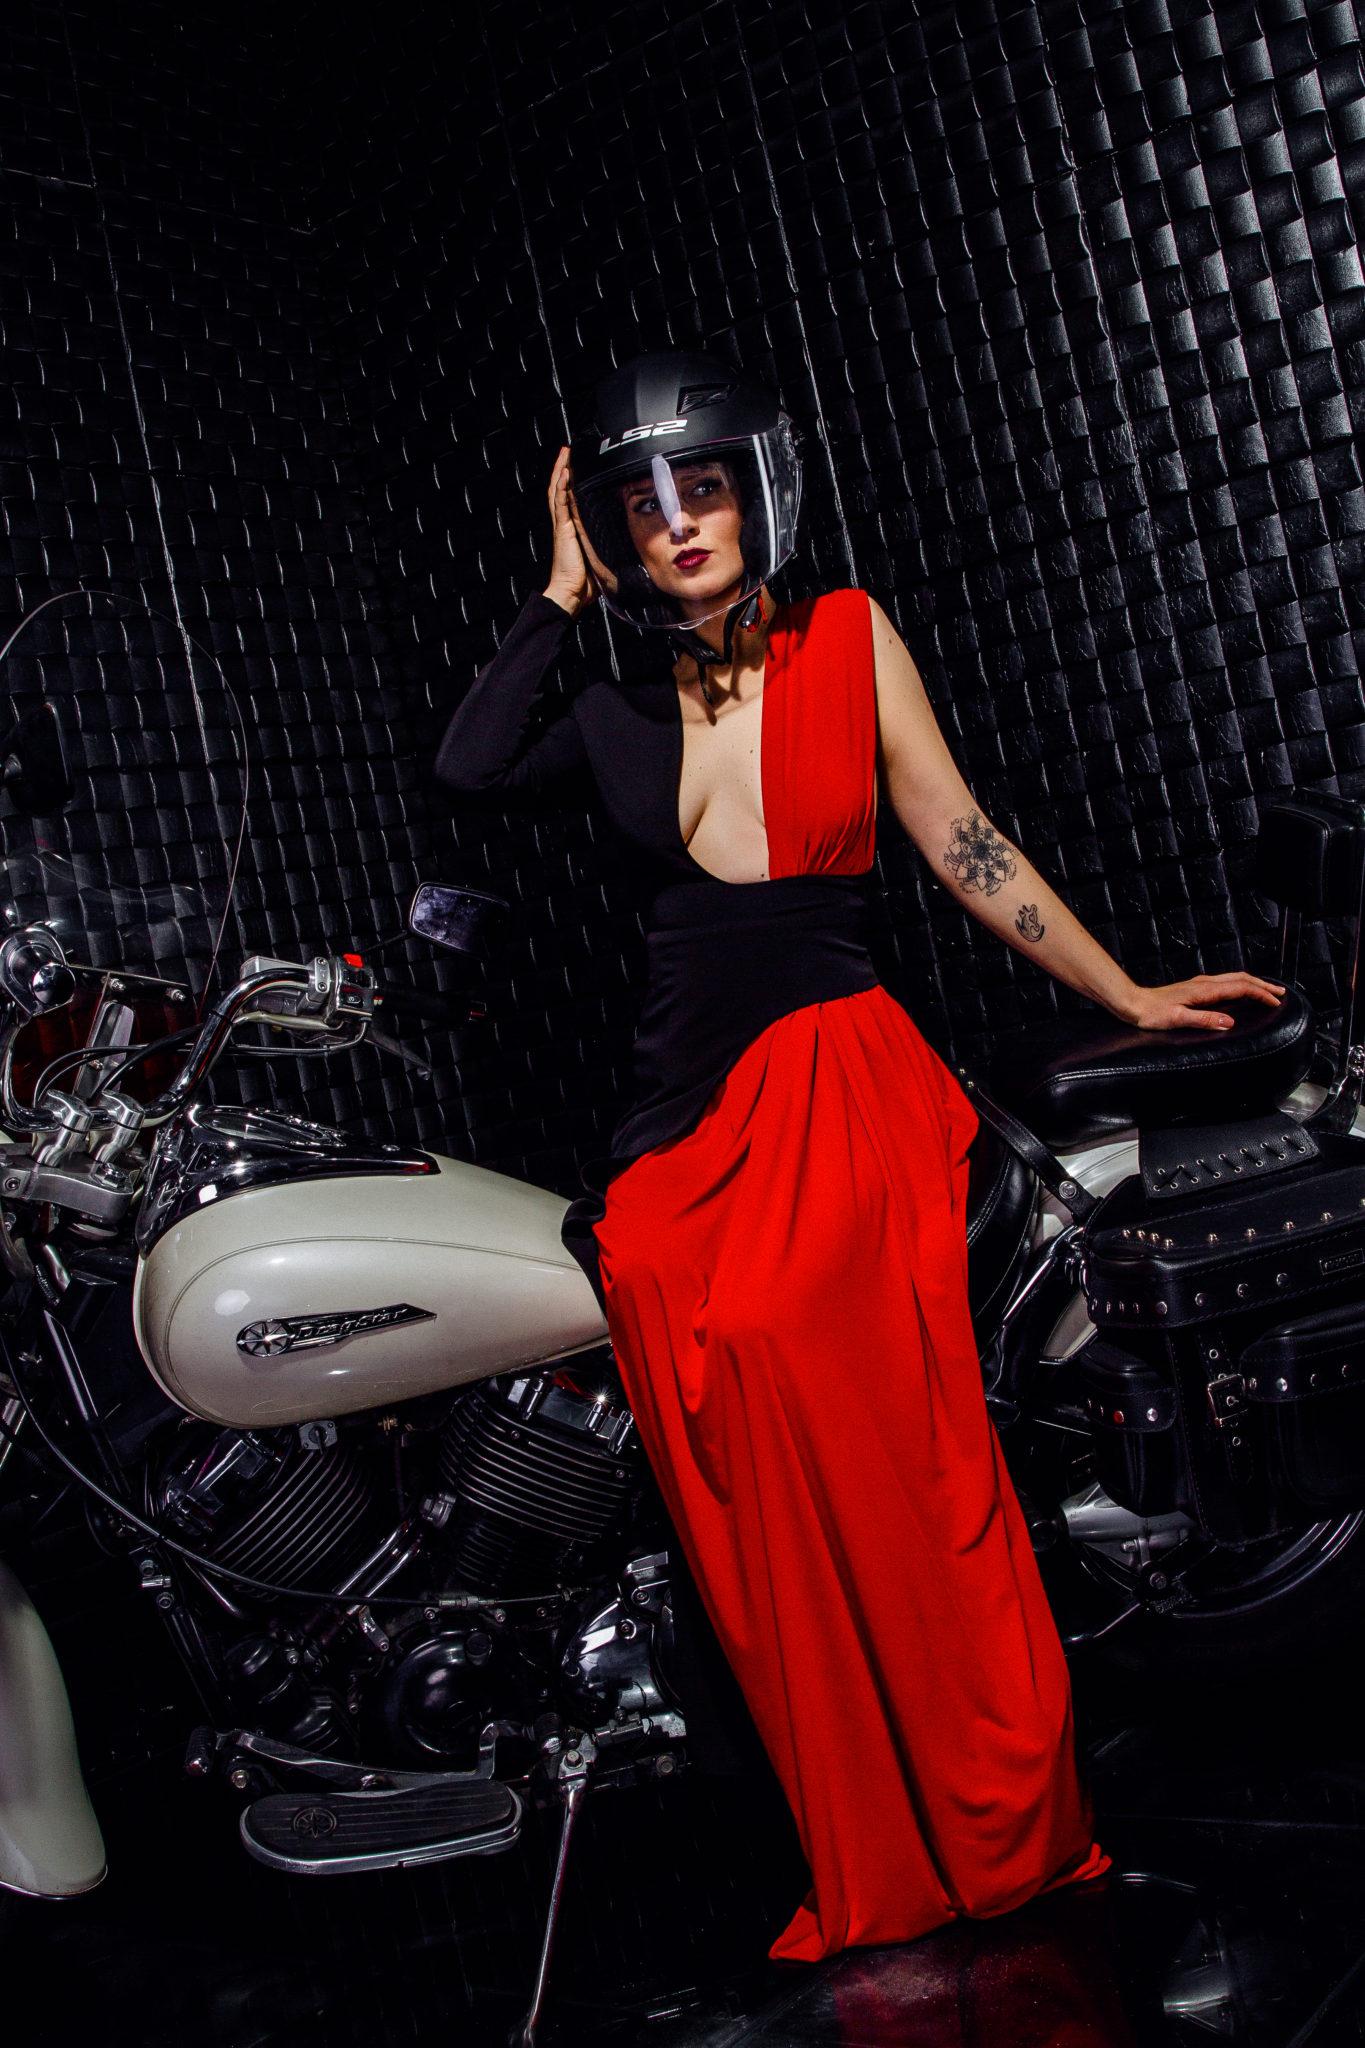 Евгения Мицитис как модель для фотосессии с мотоциклом